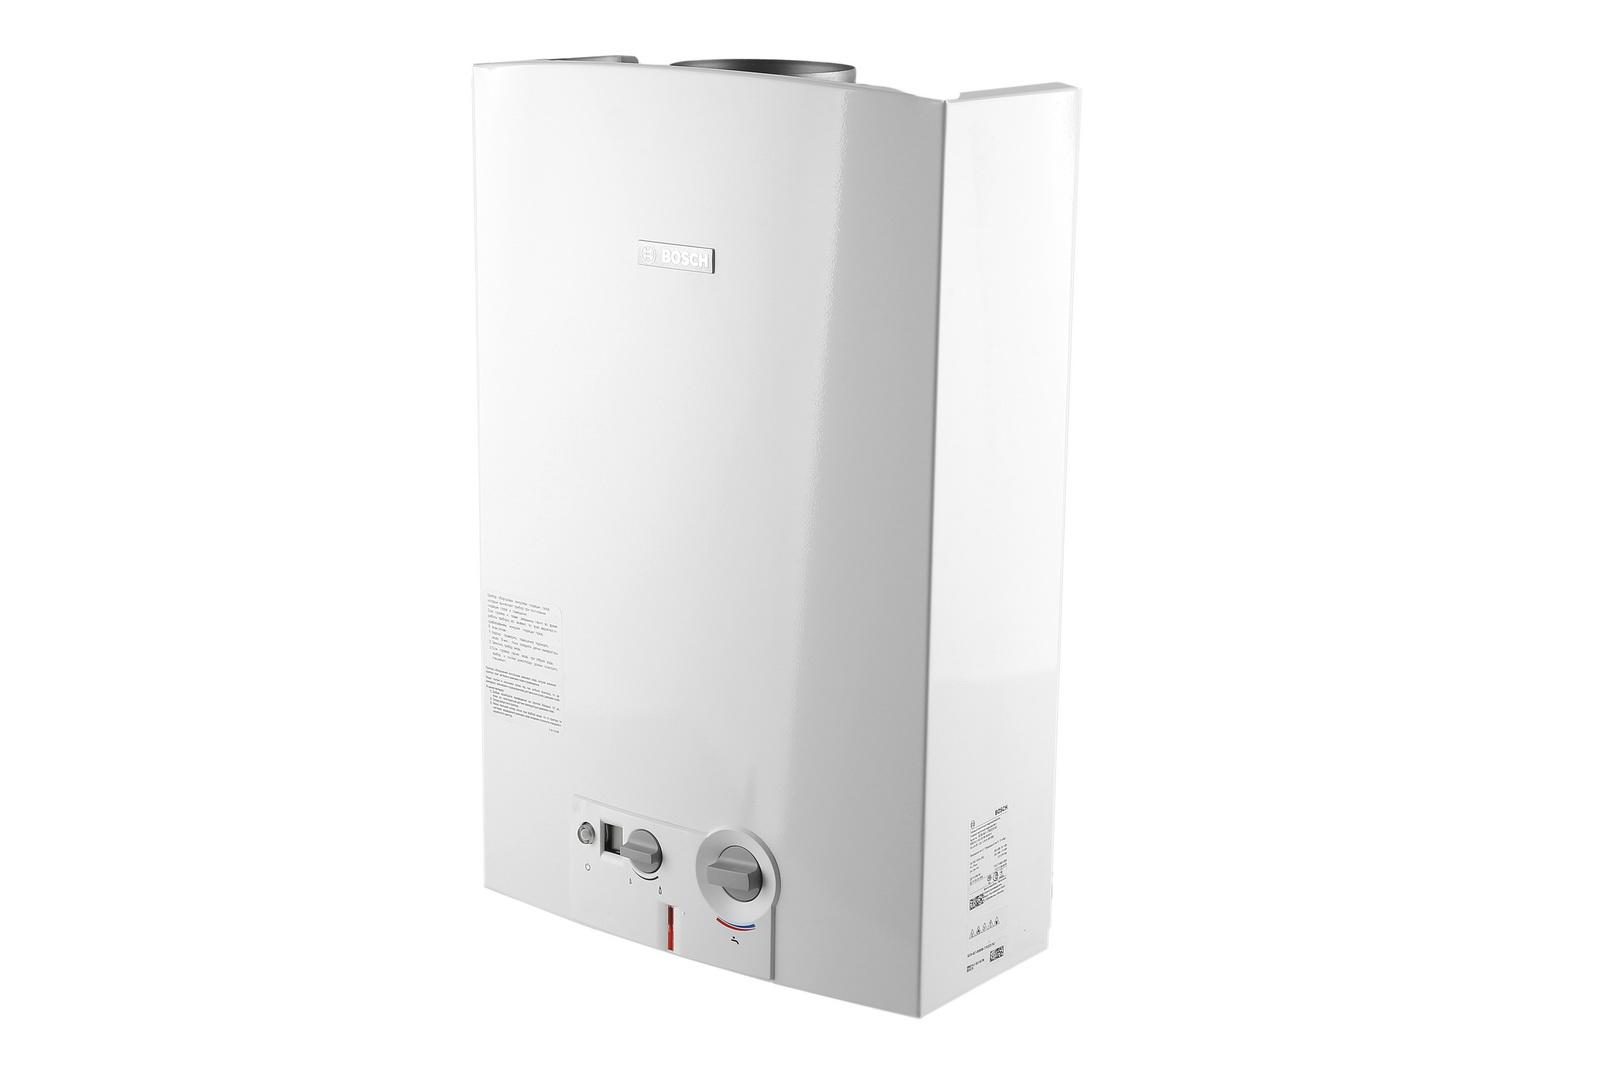 Газовый проточный водонагреватель Bosch Wrd15-2 g23